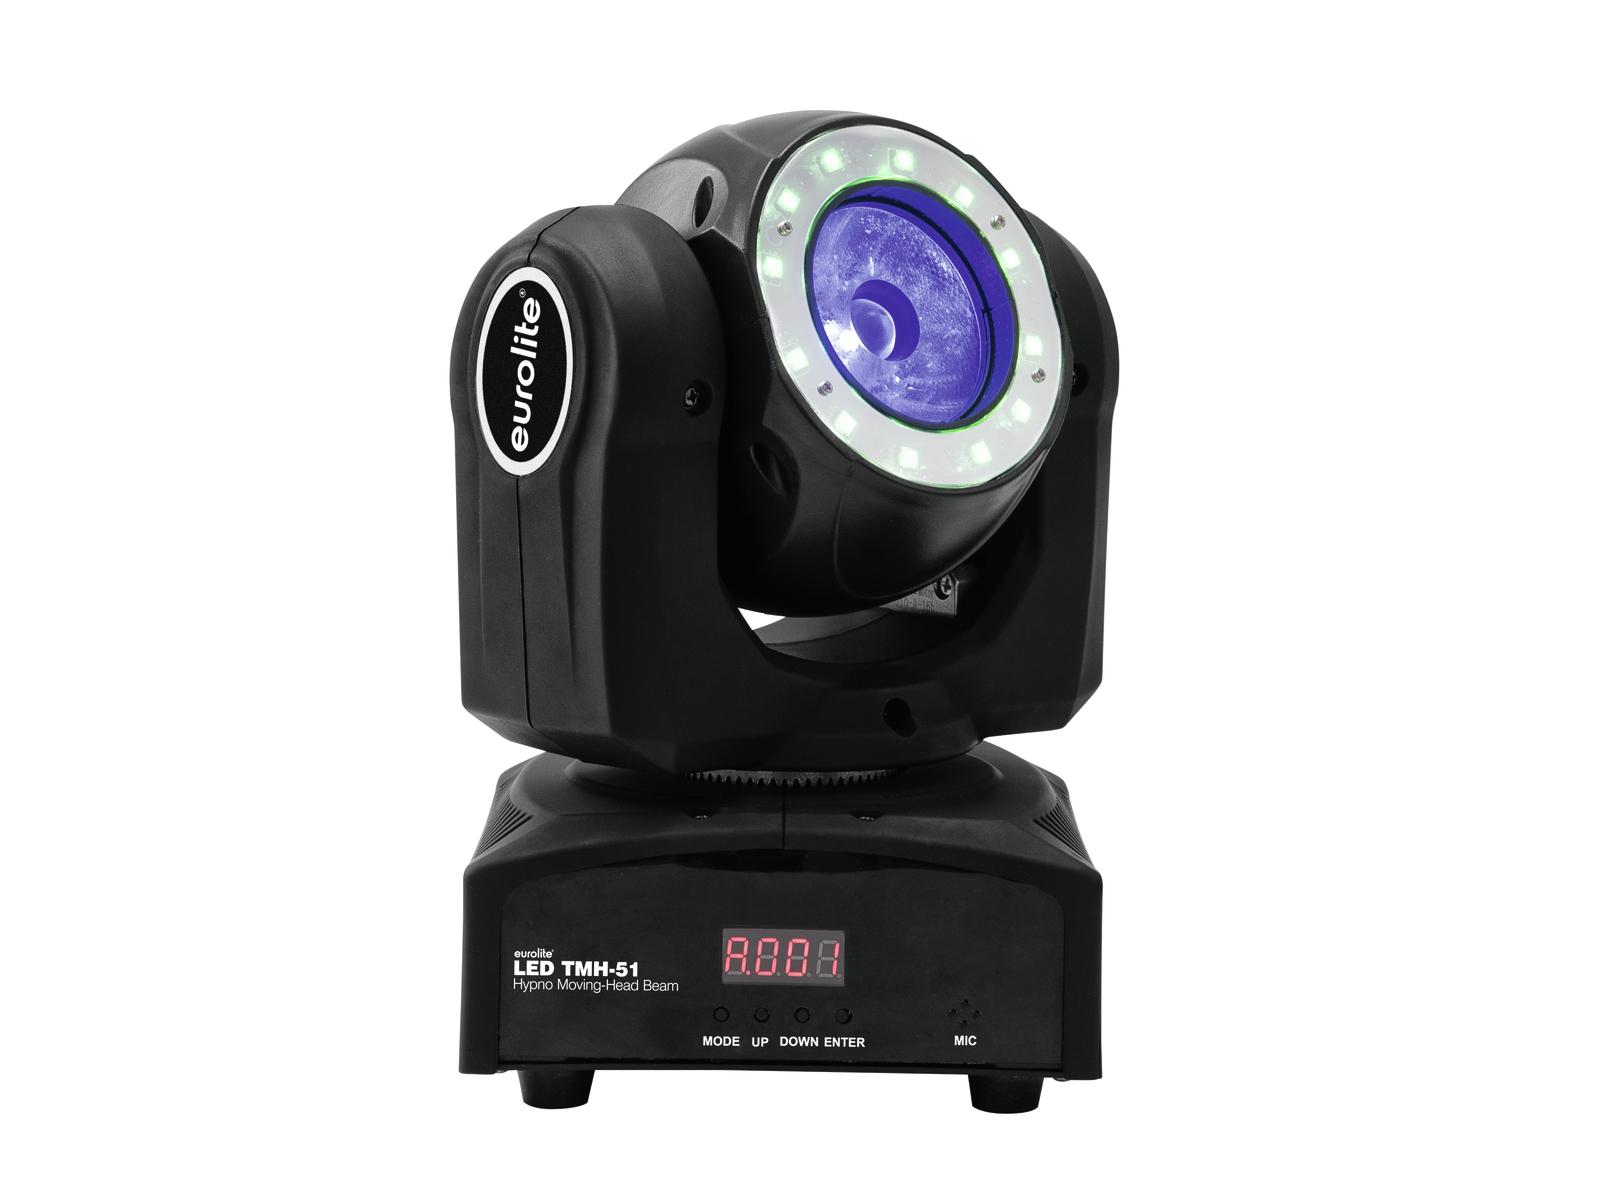 eurolite-led-tmh-51-hypno-moving-head-beam